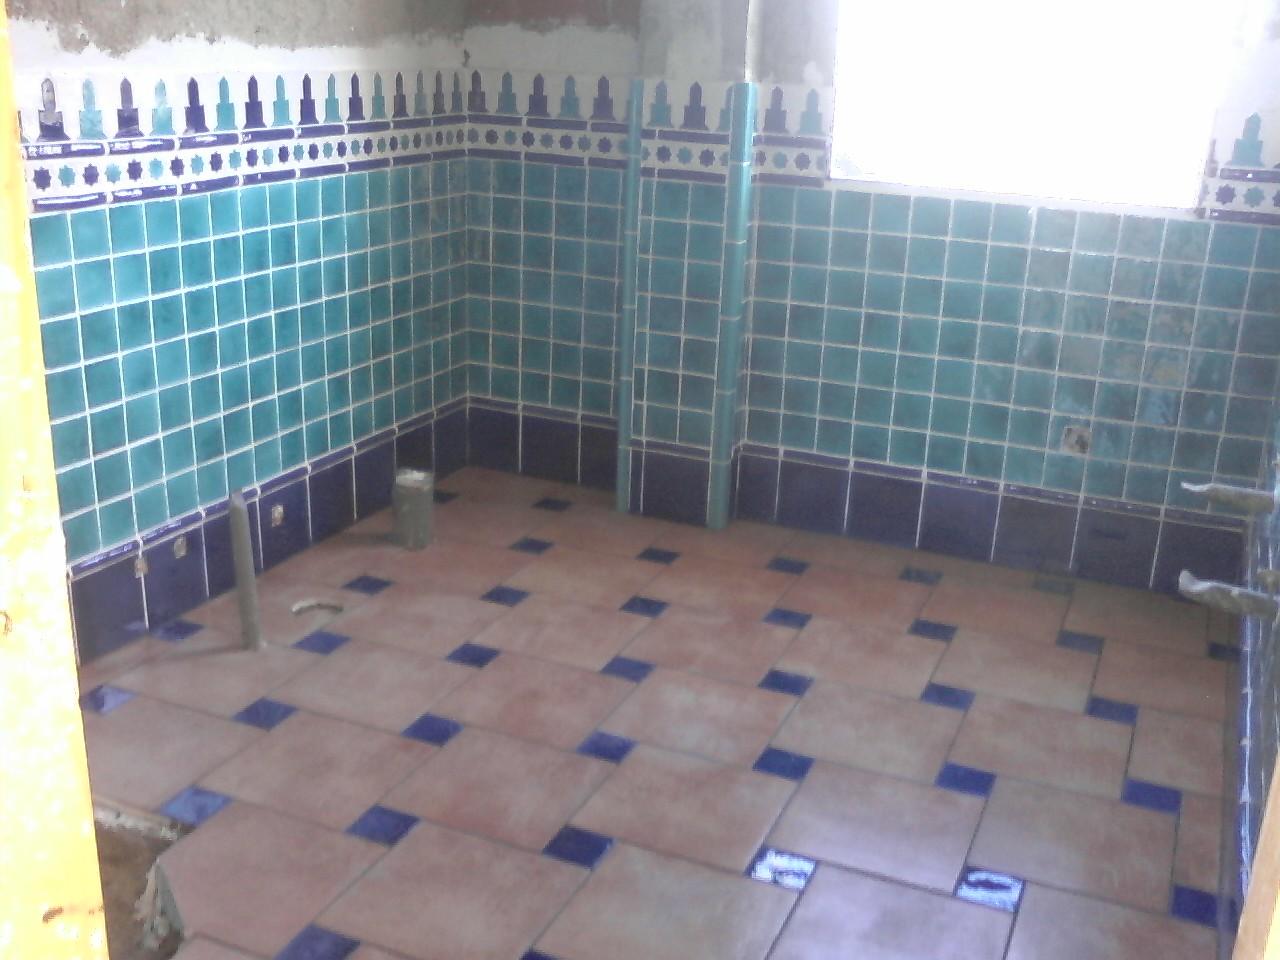 Azulejos Baño Pintados: pintados a mano como todos los azulejos de los tres baños que tiene